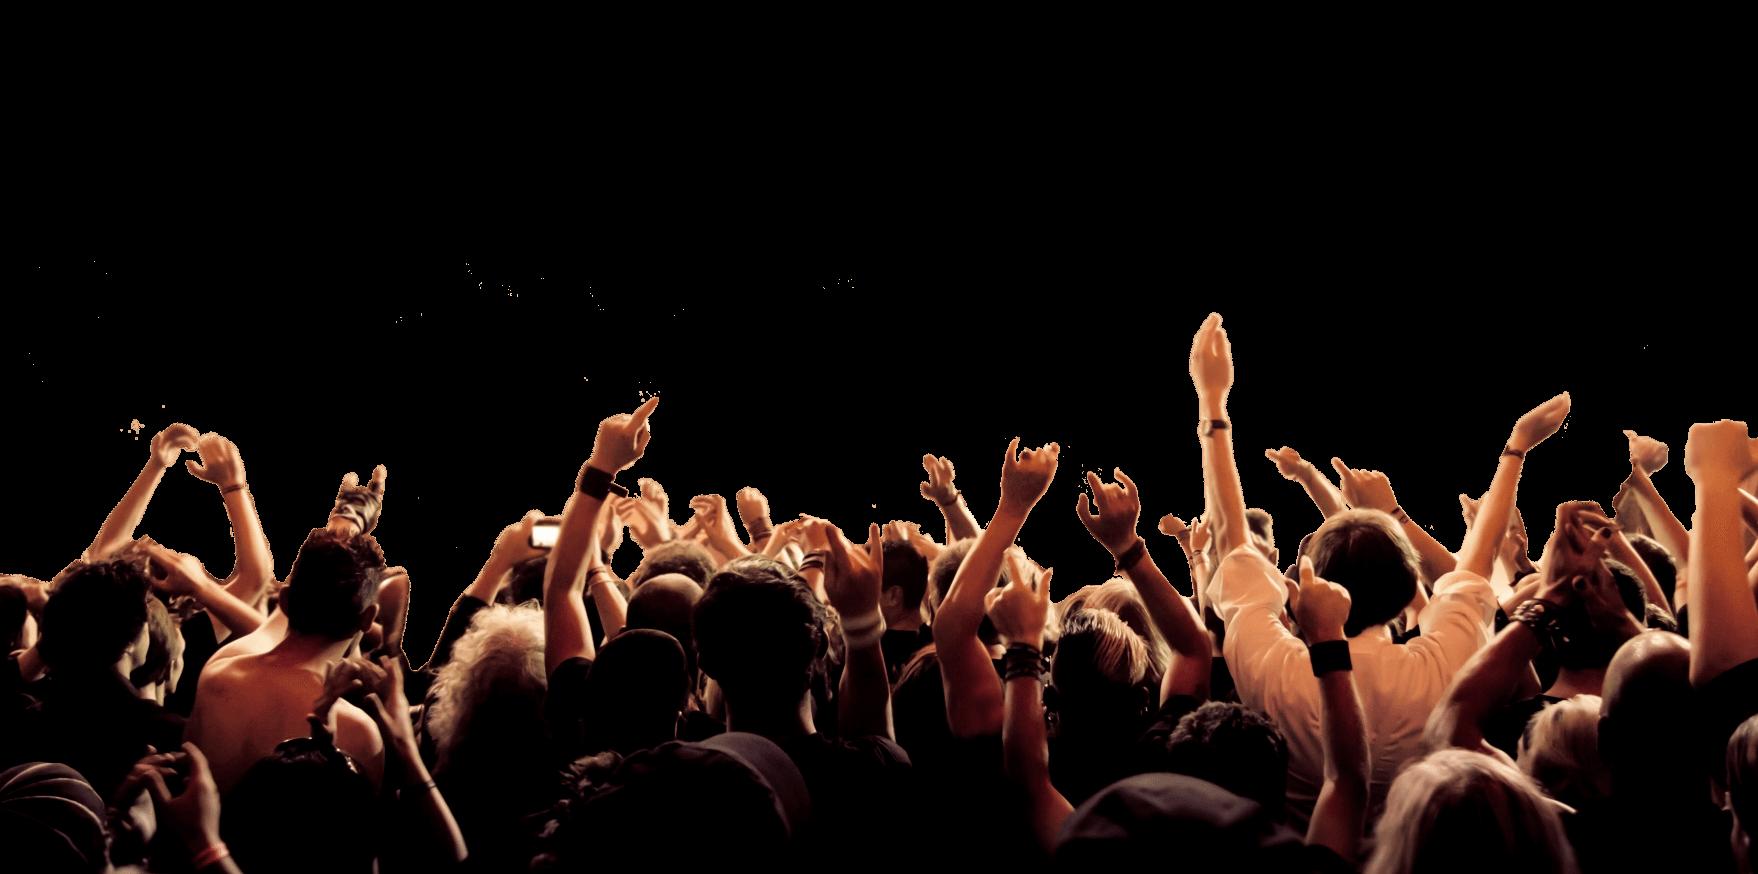 1758x874 Concert Crowd Hands Png